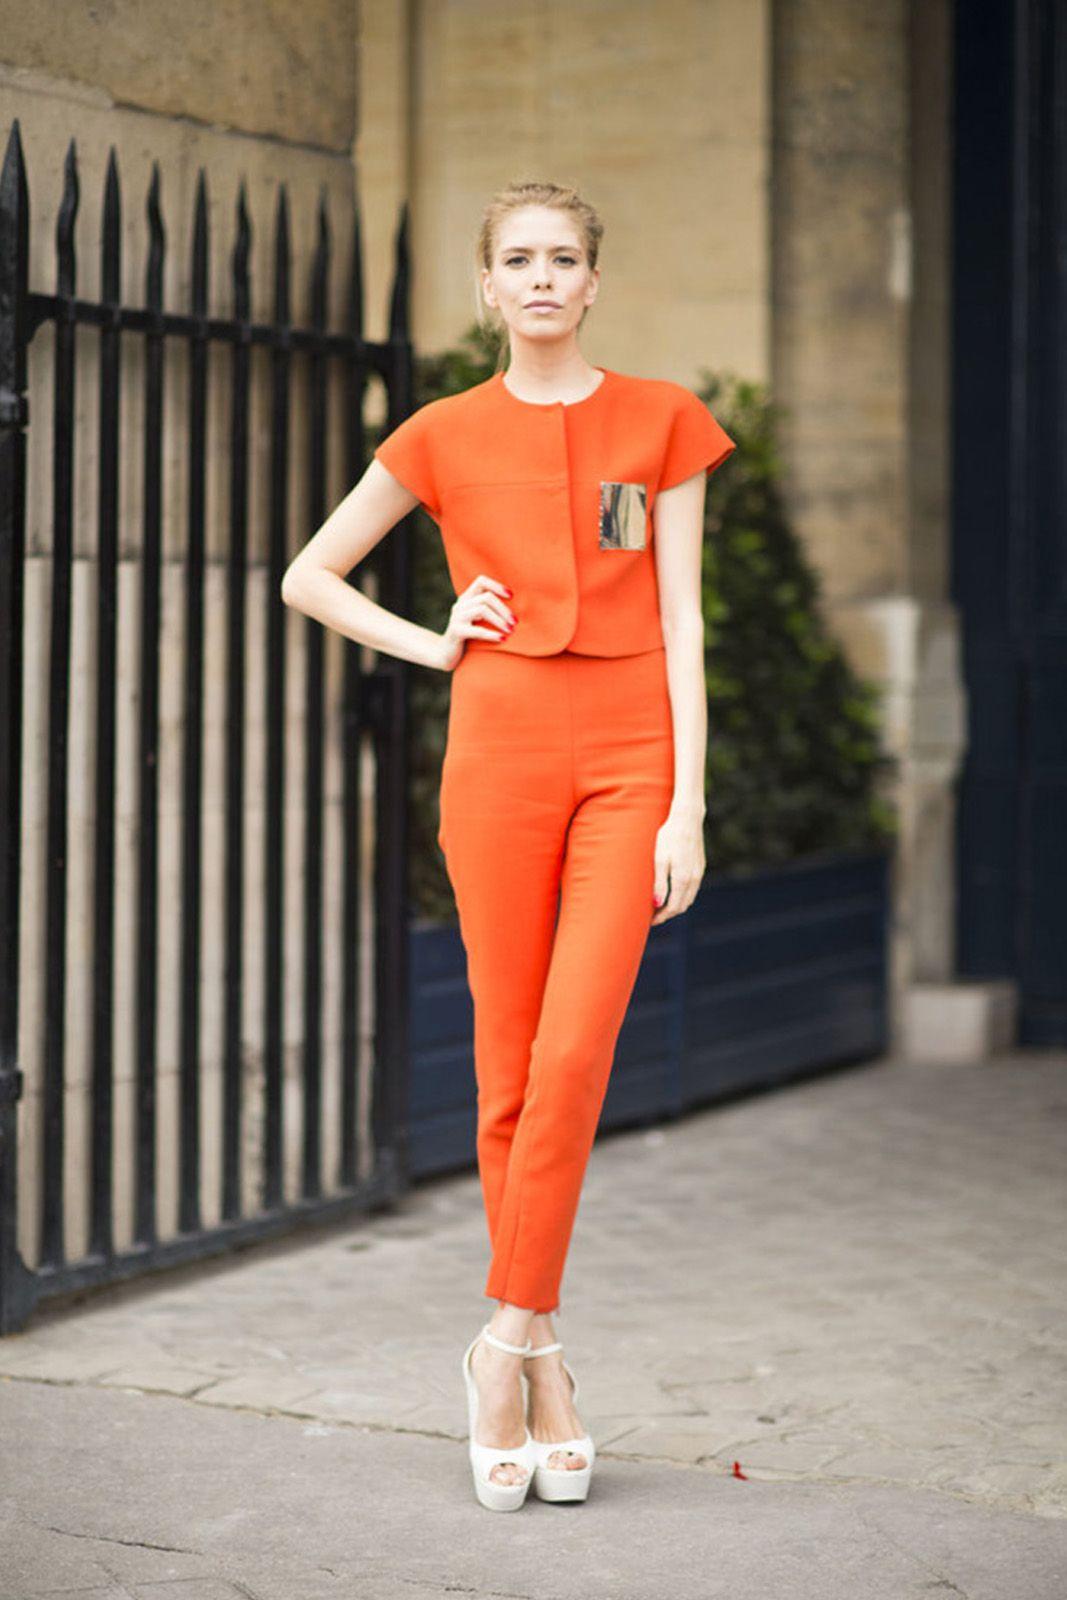 Upgrade Penampilan Jadi Lebih Fresh dengan Warna Oranye Yuk!